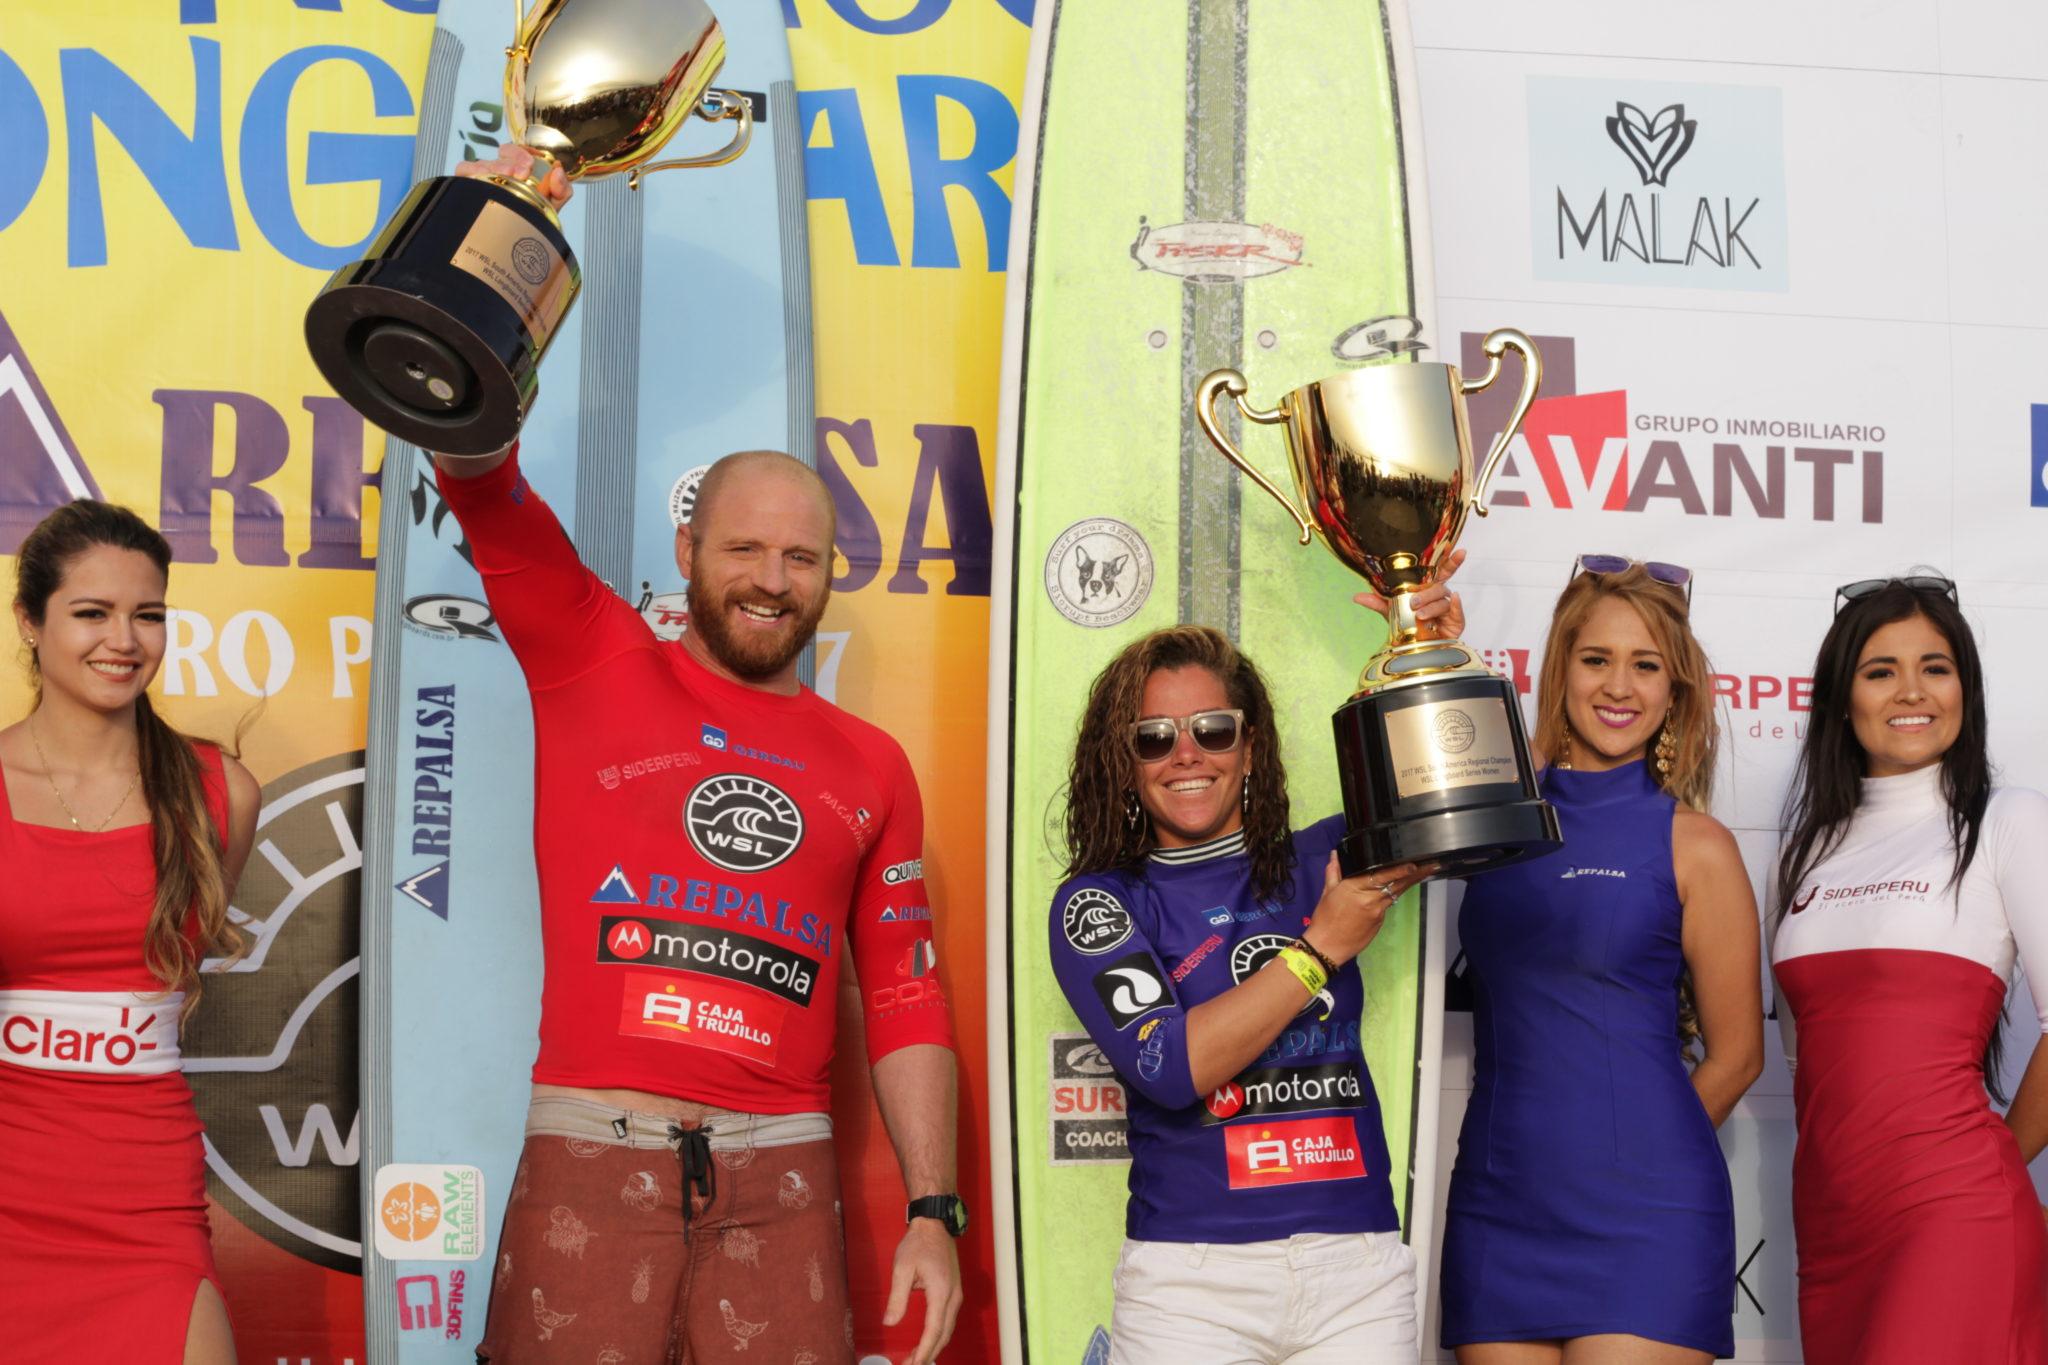 Campeões sul-americanos (Renato Moreno / Olas Norte)